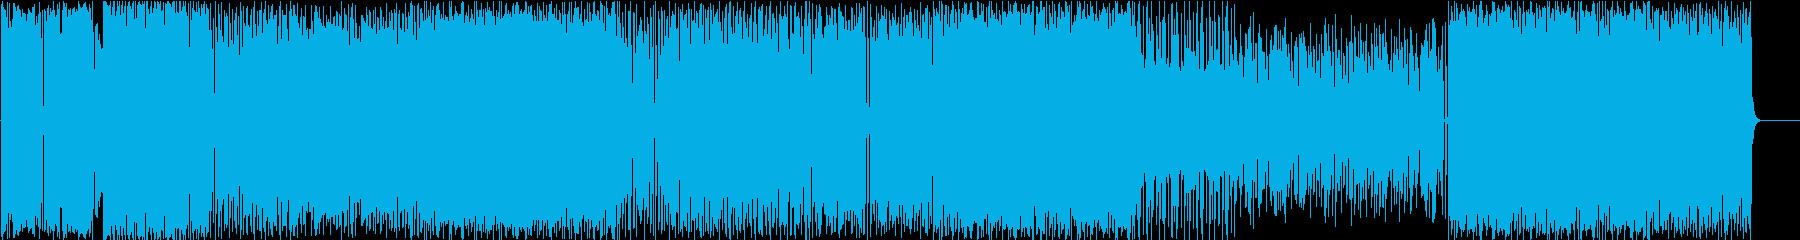 ロックな感じの明るいインスト曲の再生済みの波形